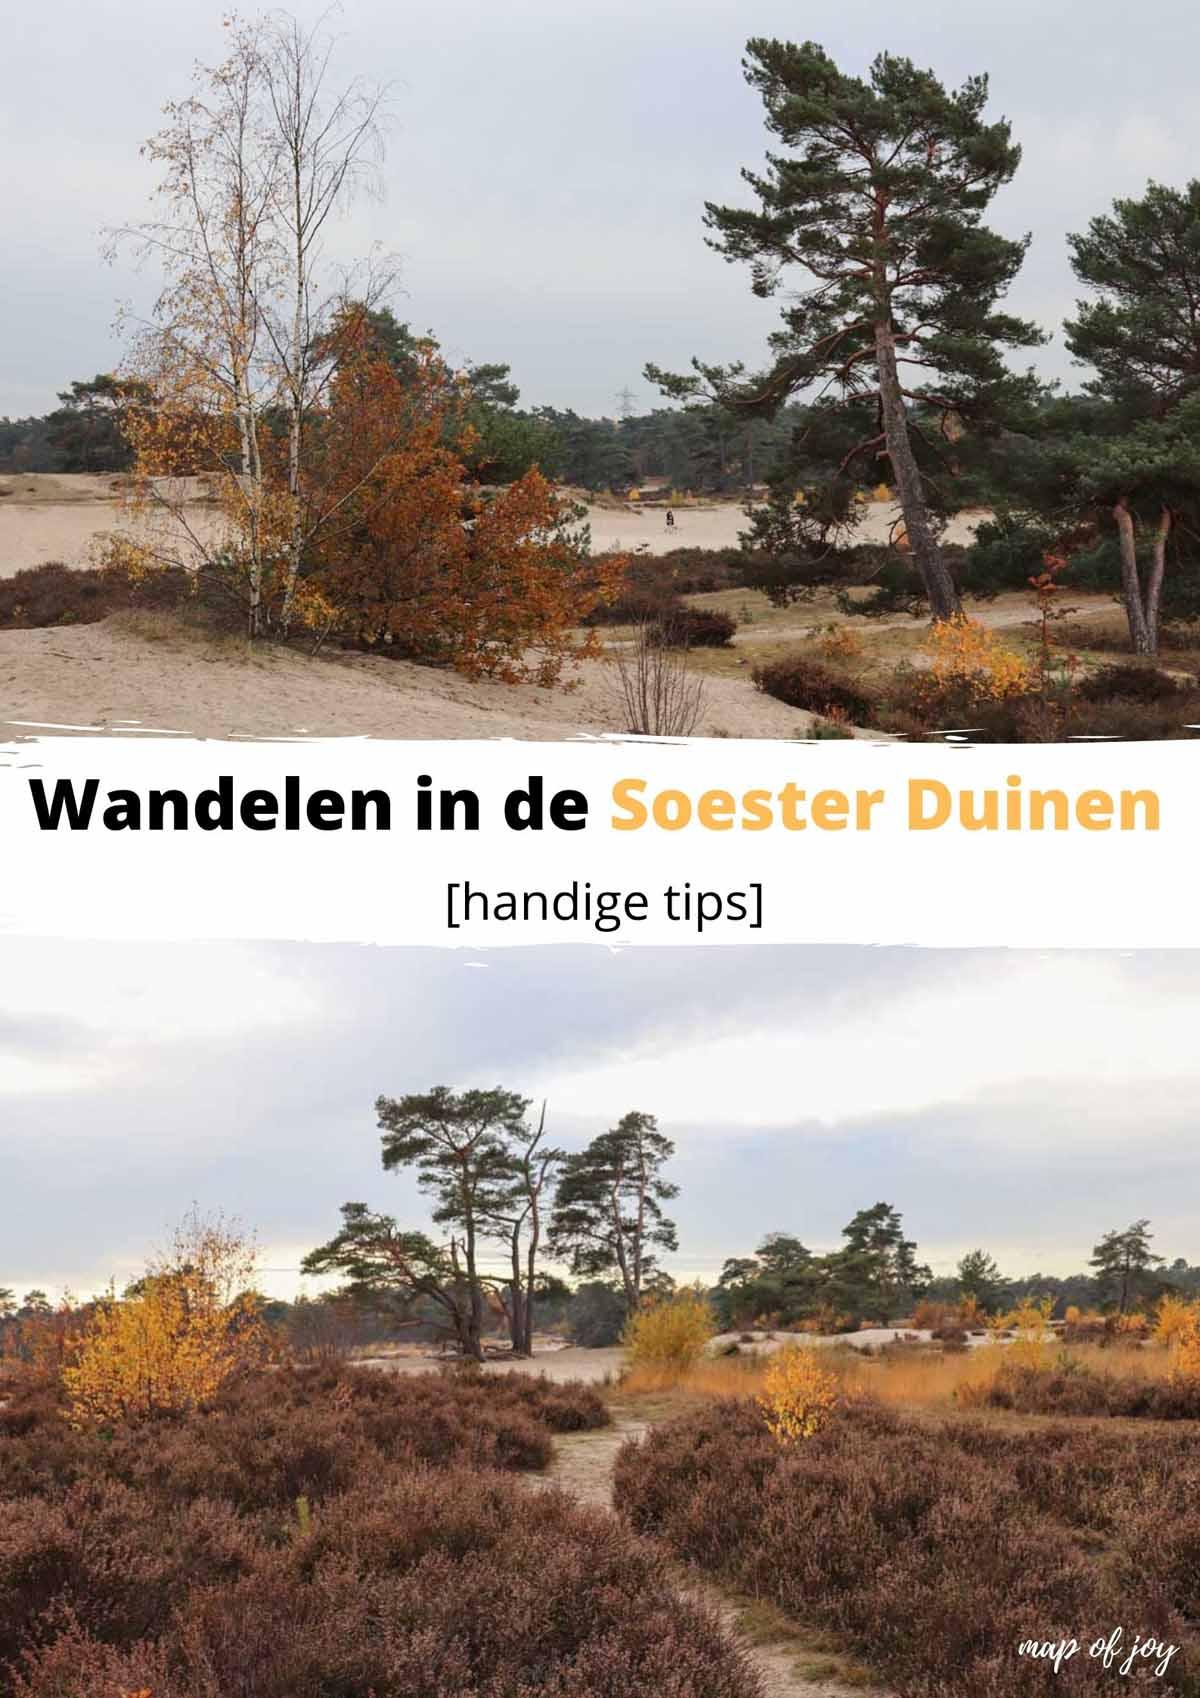 Wandelen in de Soester Duinen